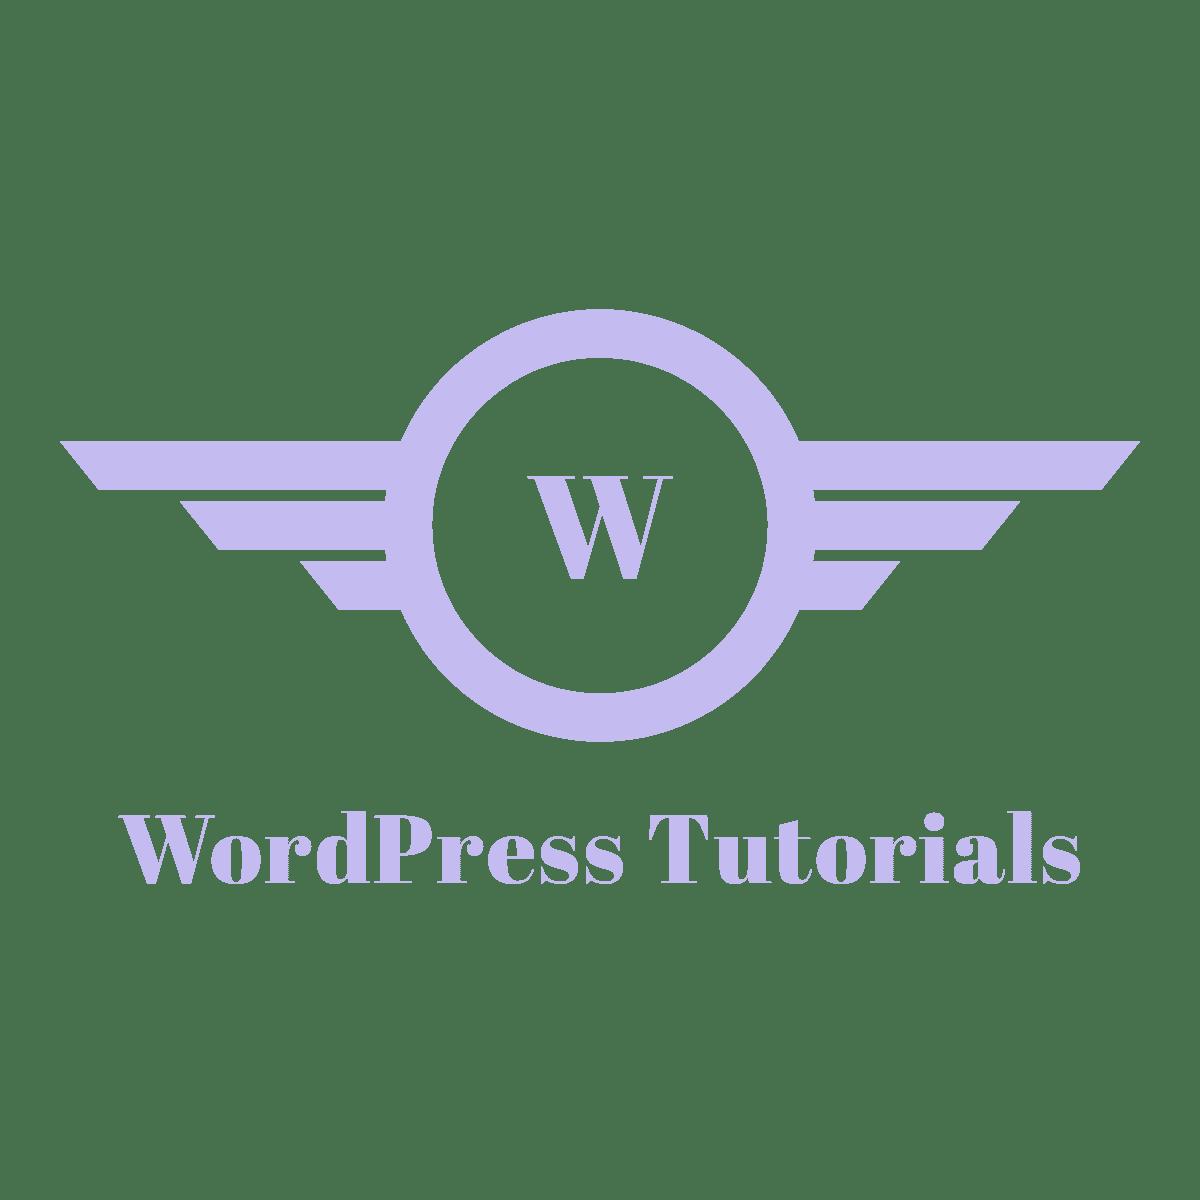 wordpress tutorials,wptutorial